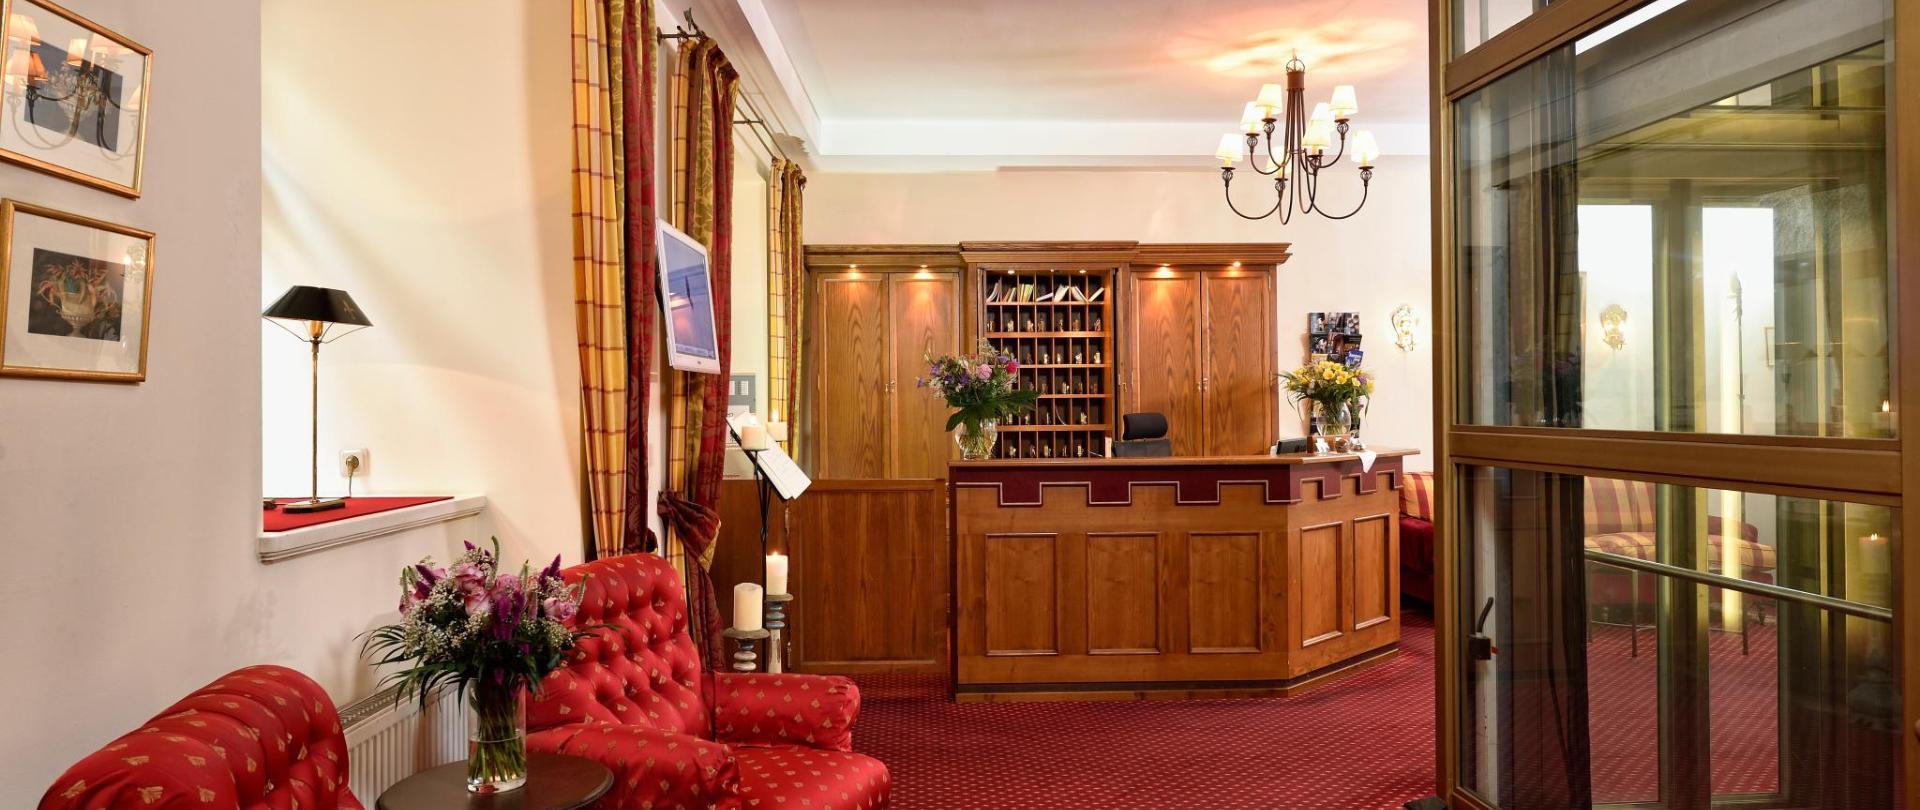 Hotel_GvM_218.jpg